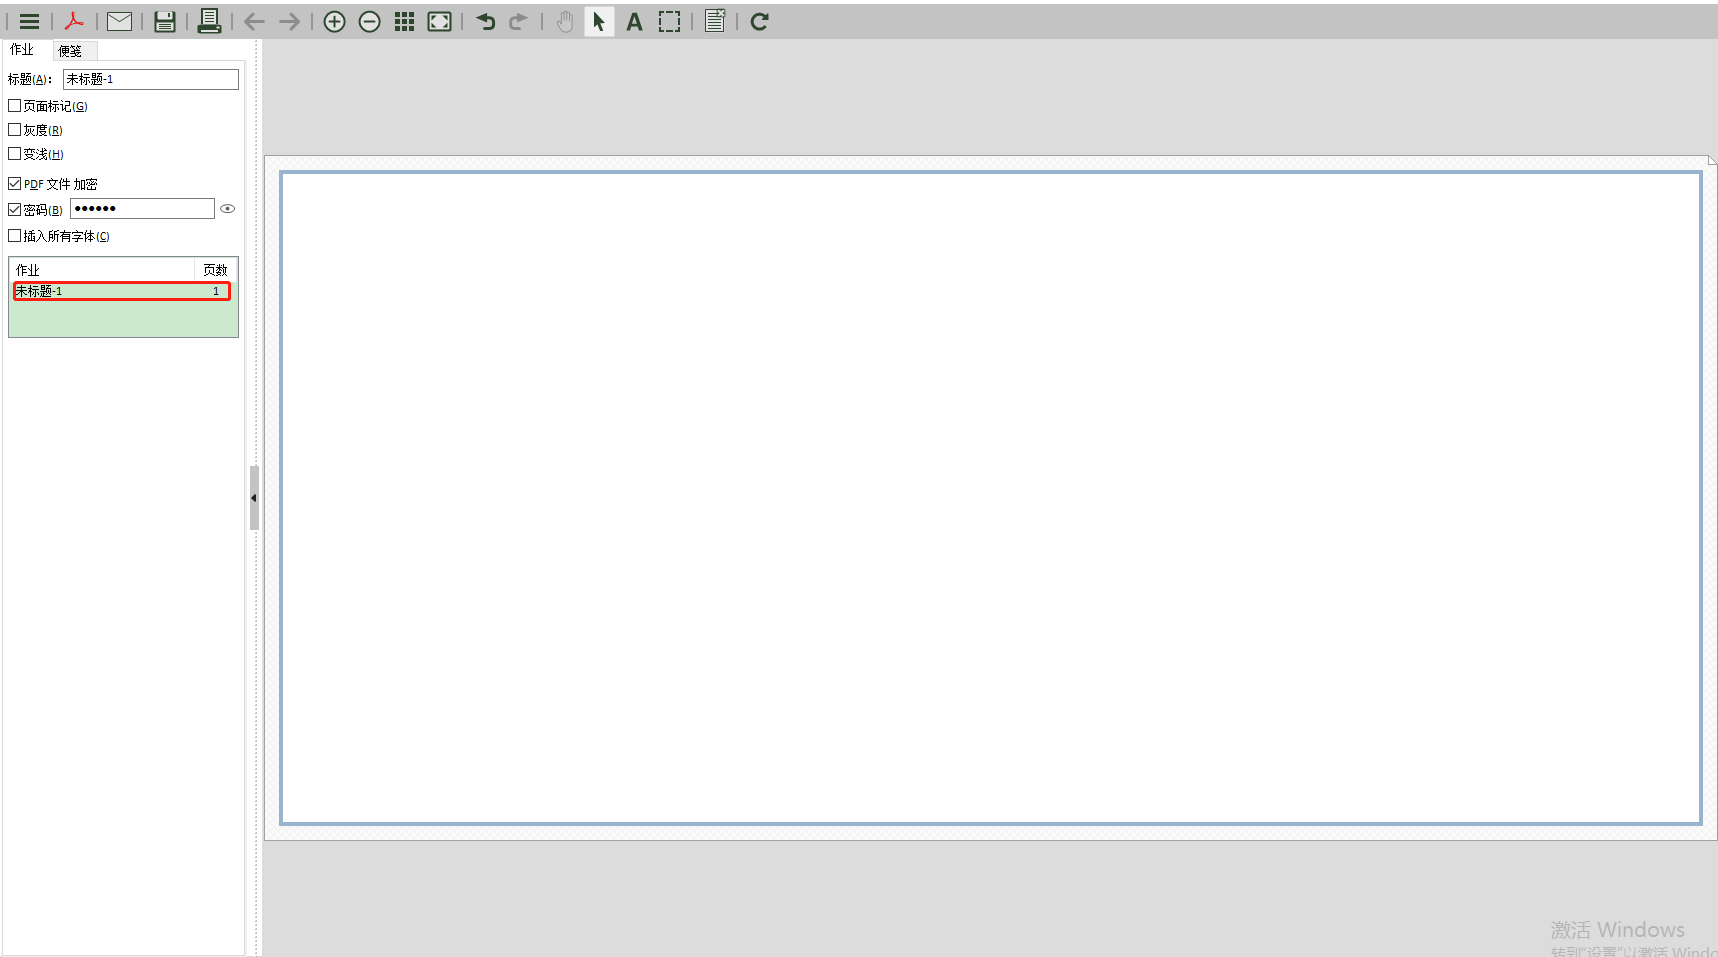 打印A3加长1/2效果展示界面